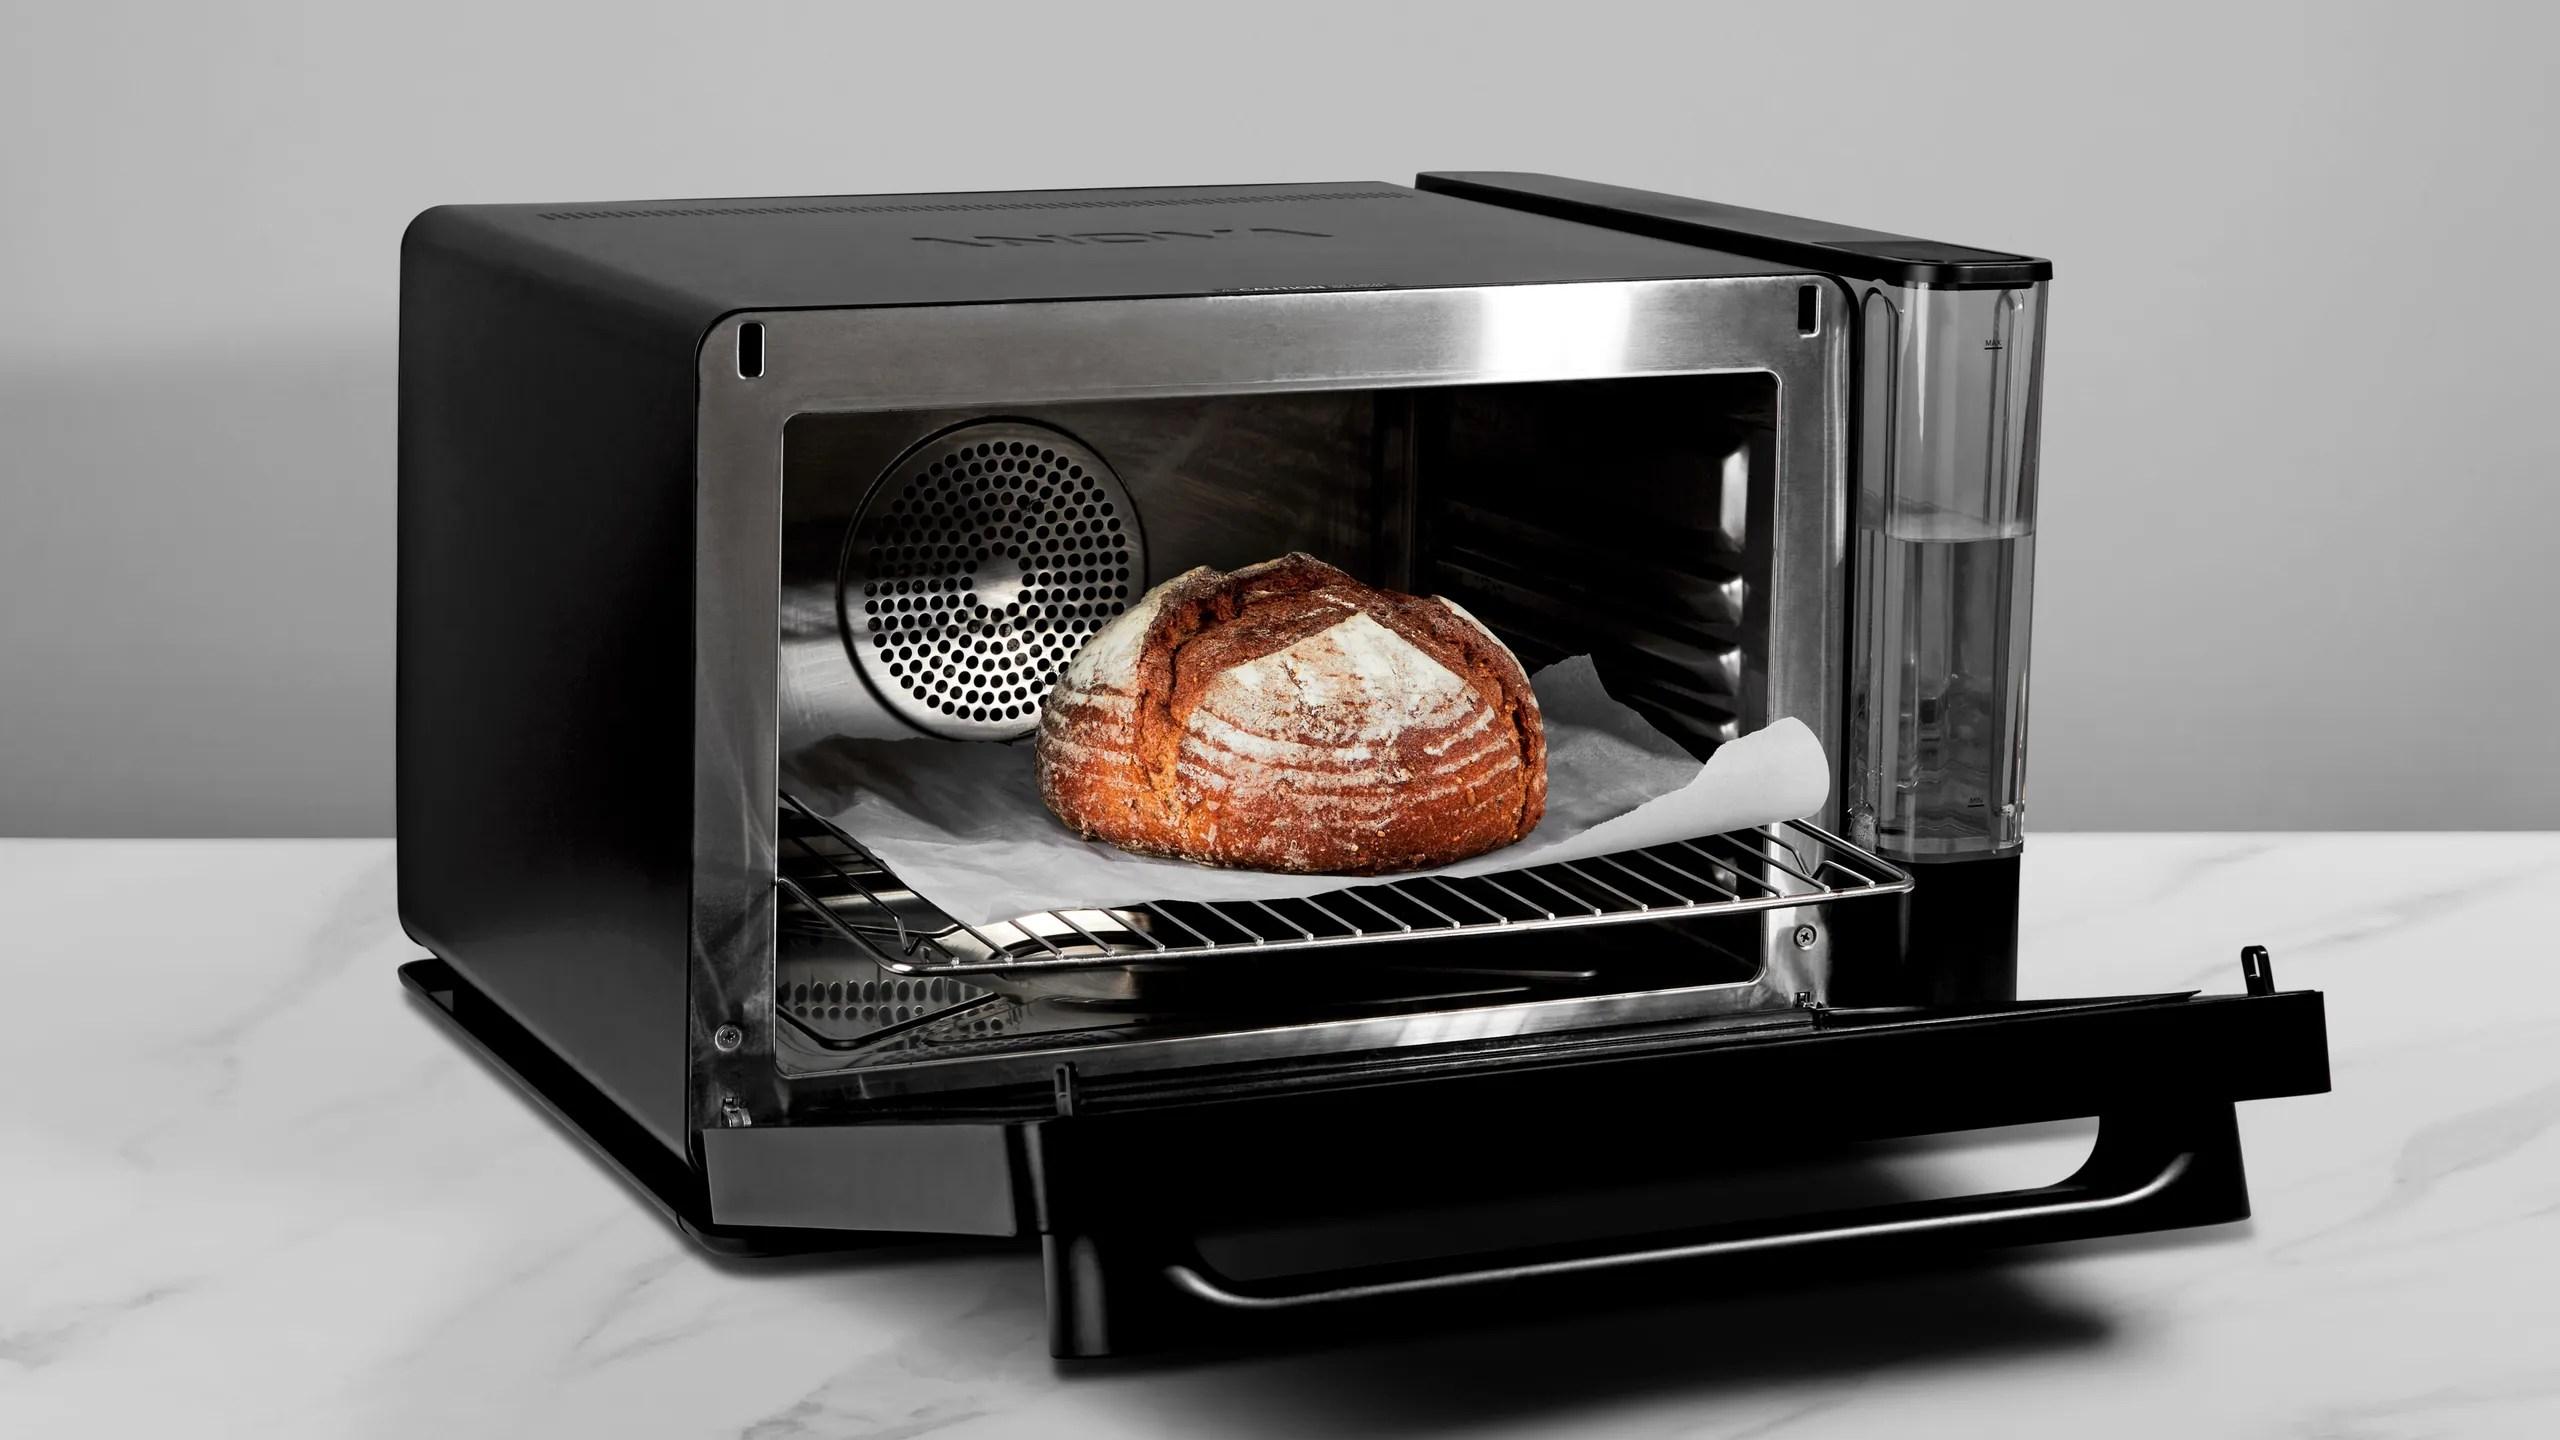 anova precision oven review 2021 will